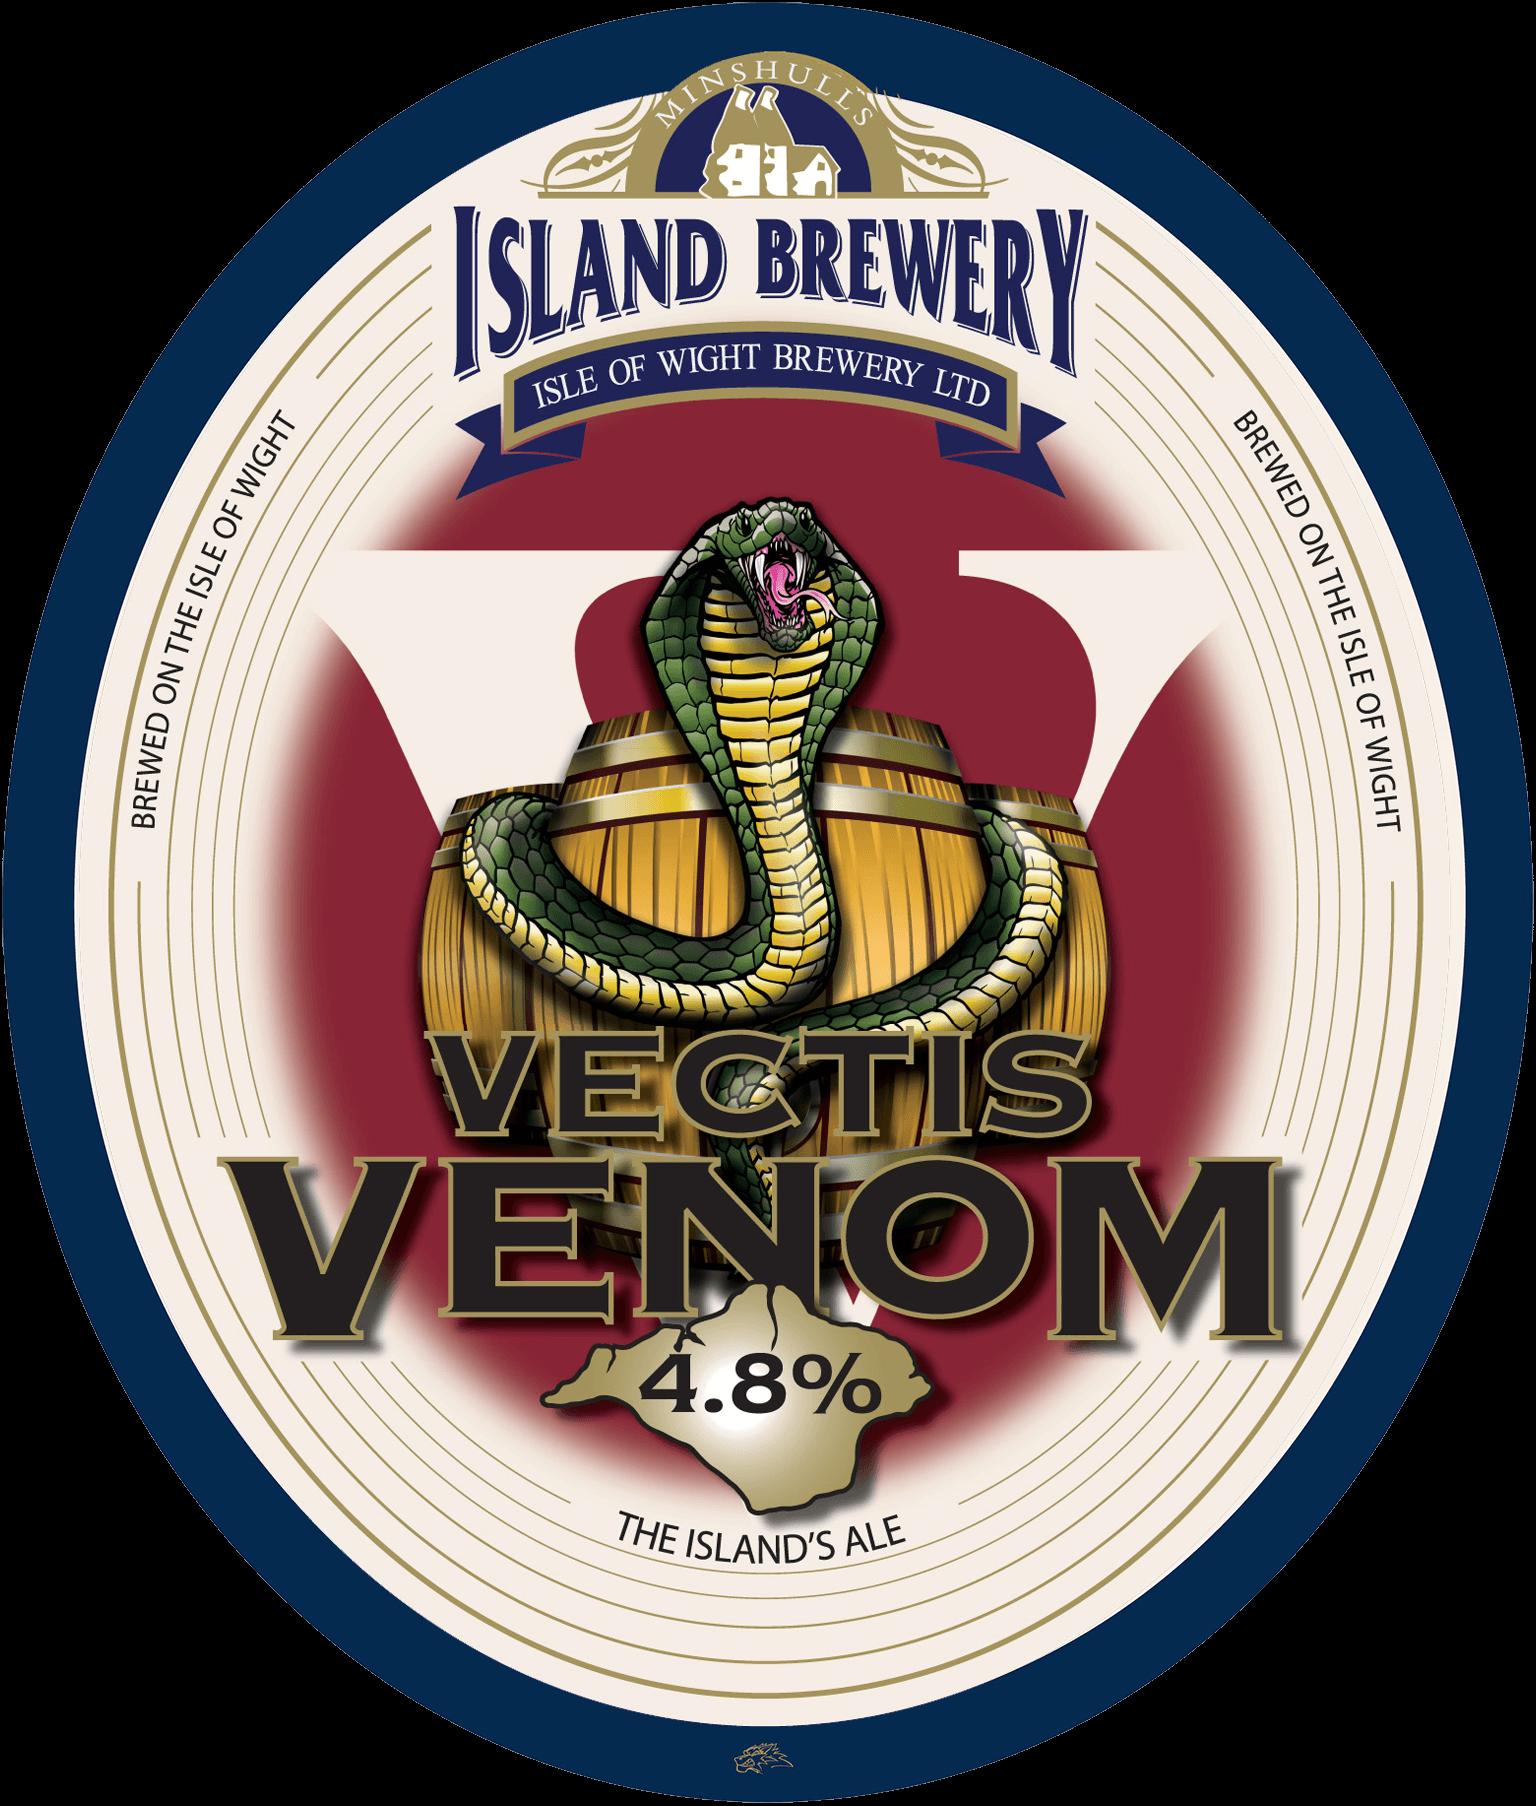 Vectis Venom